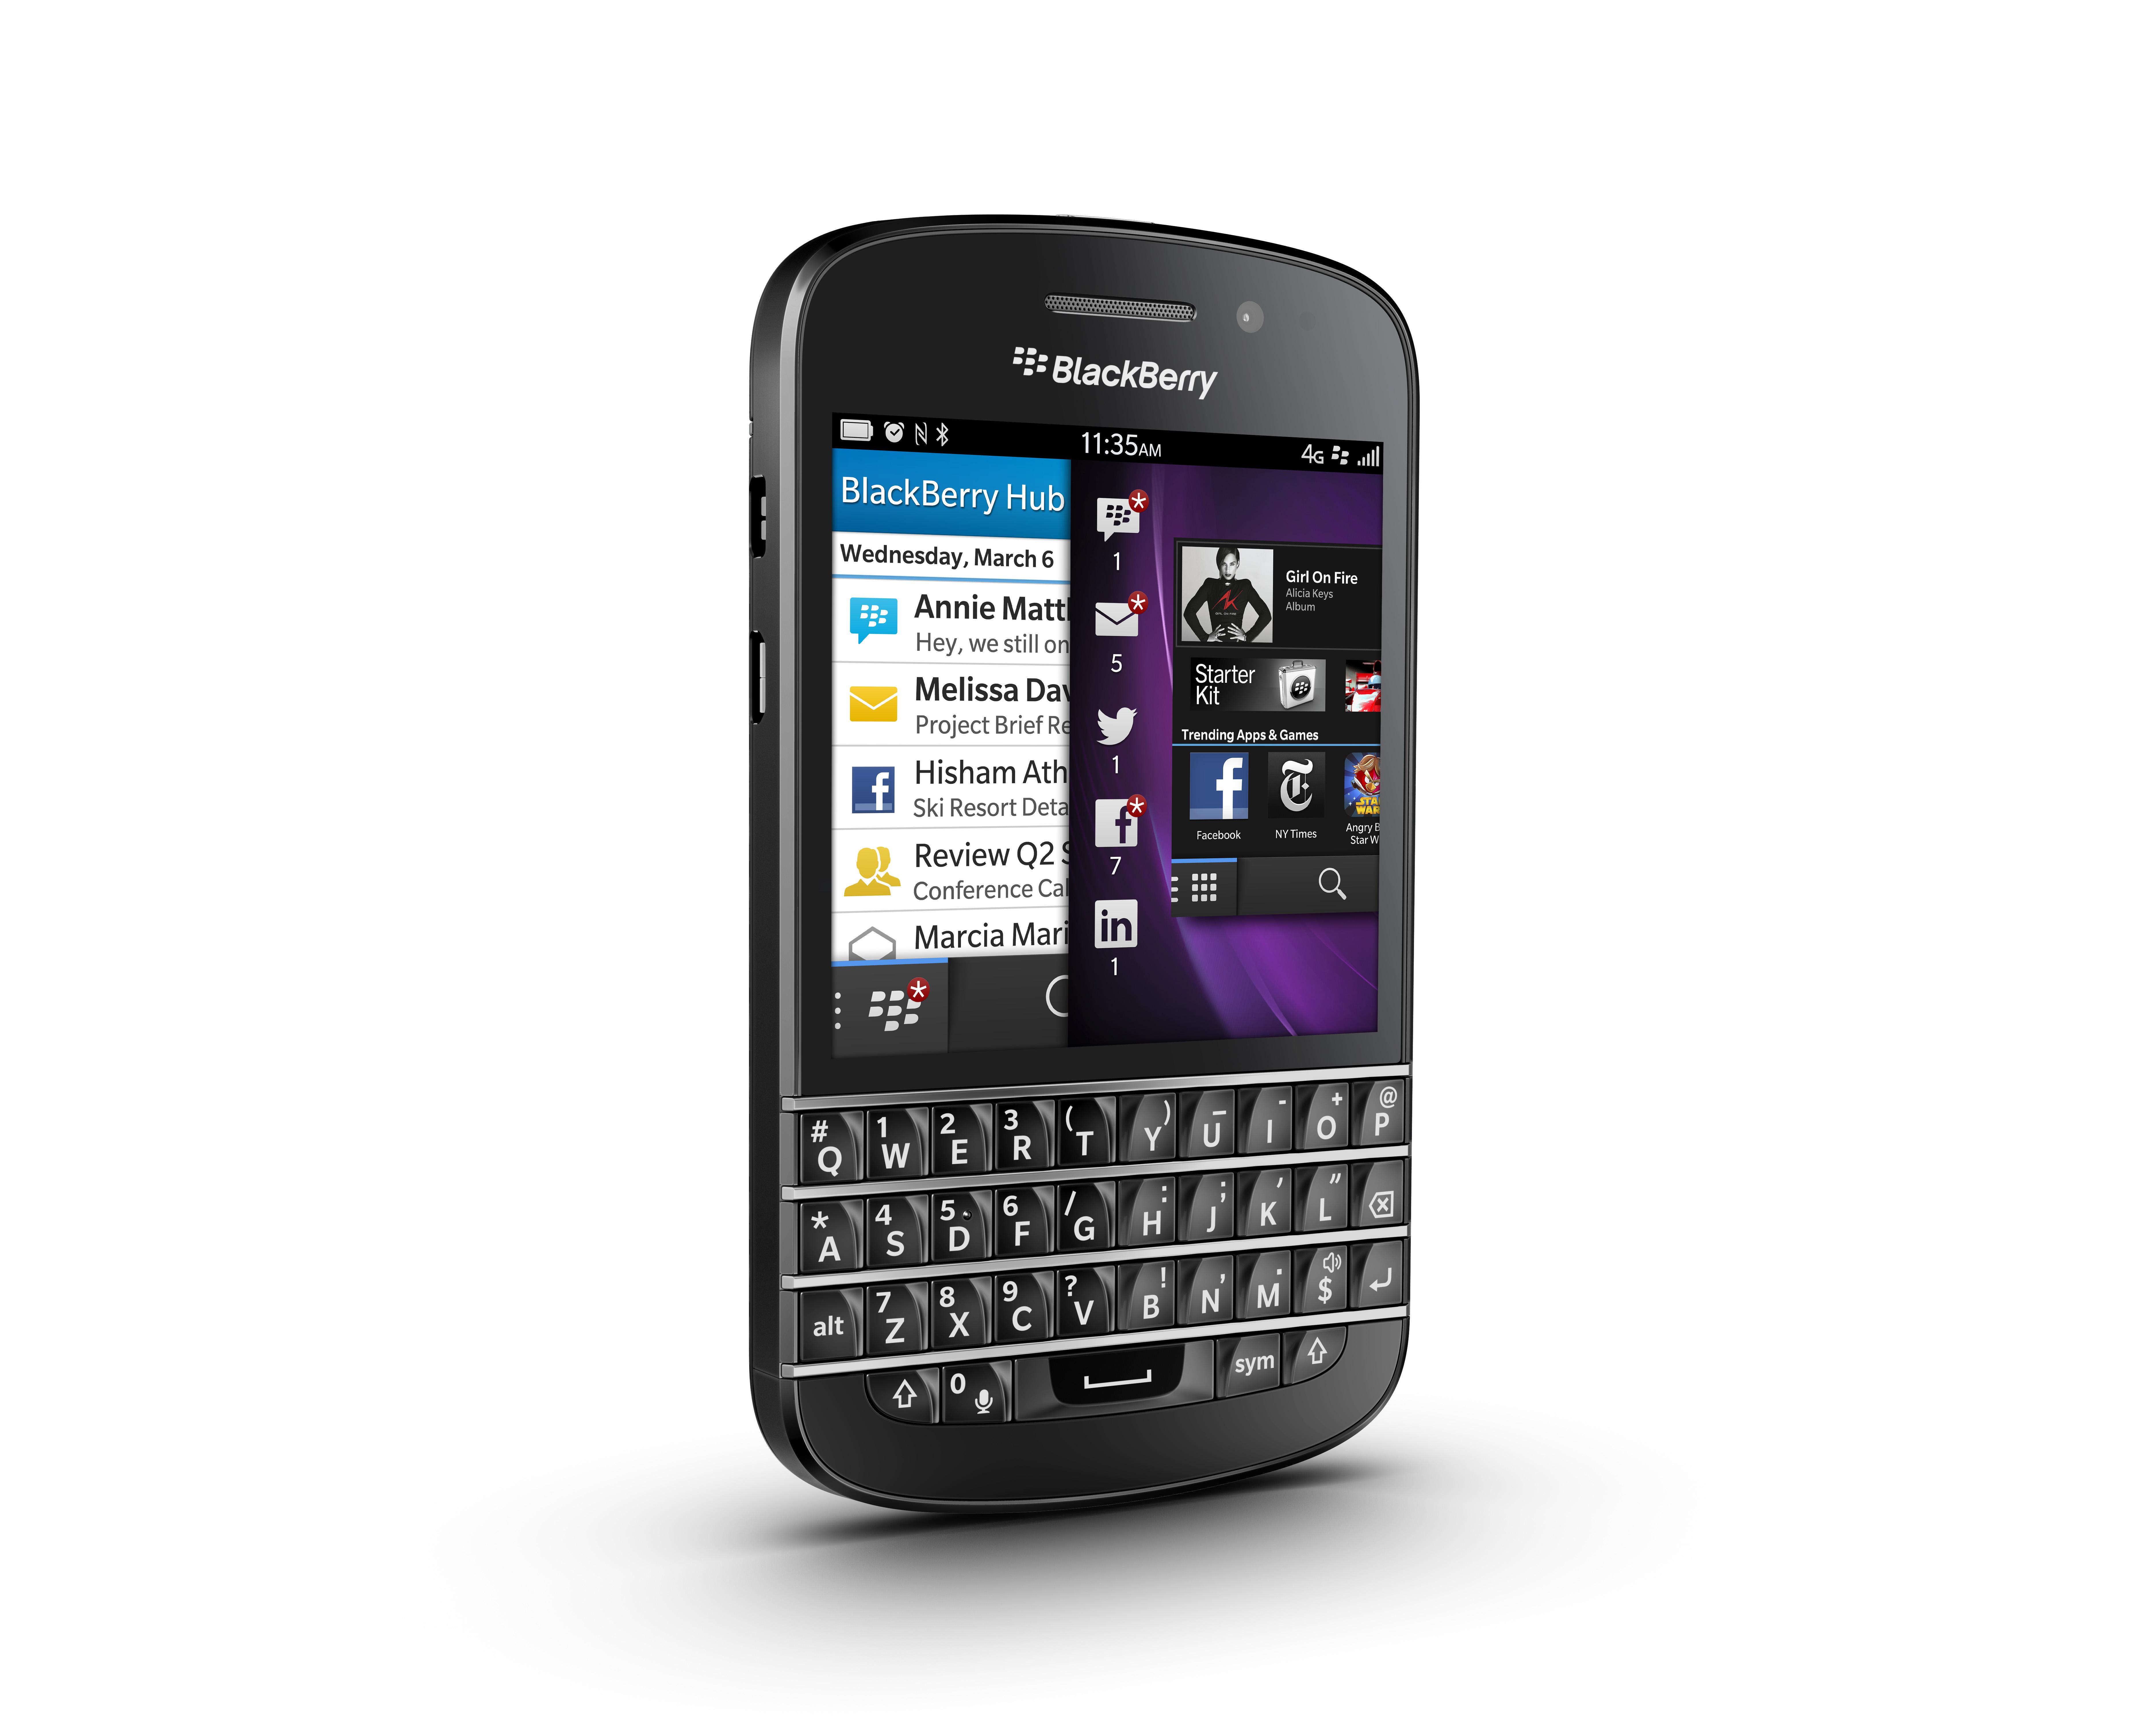 le blackberry q au meilleur prix chez carrefour